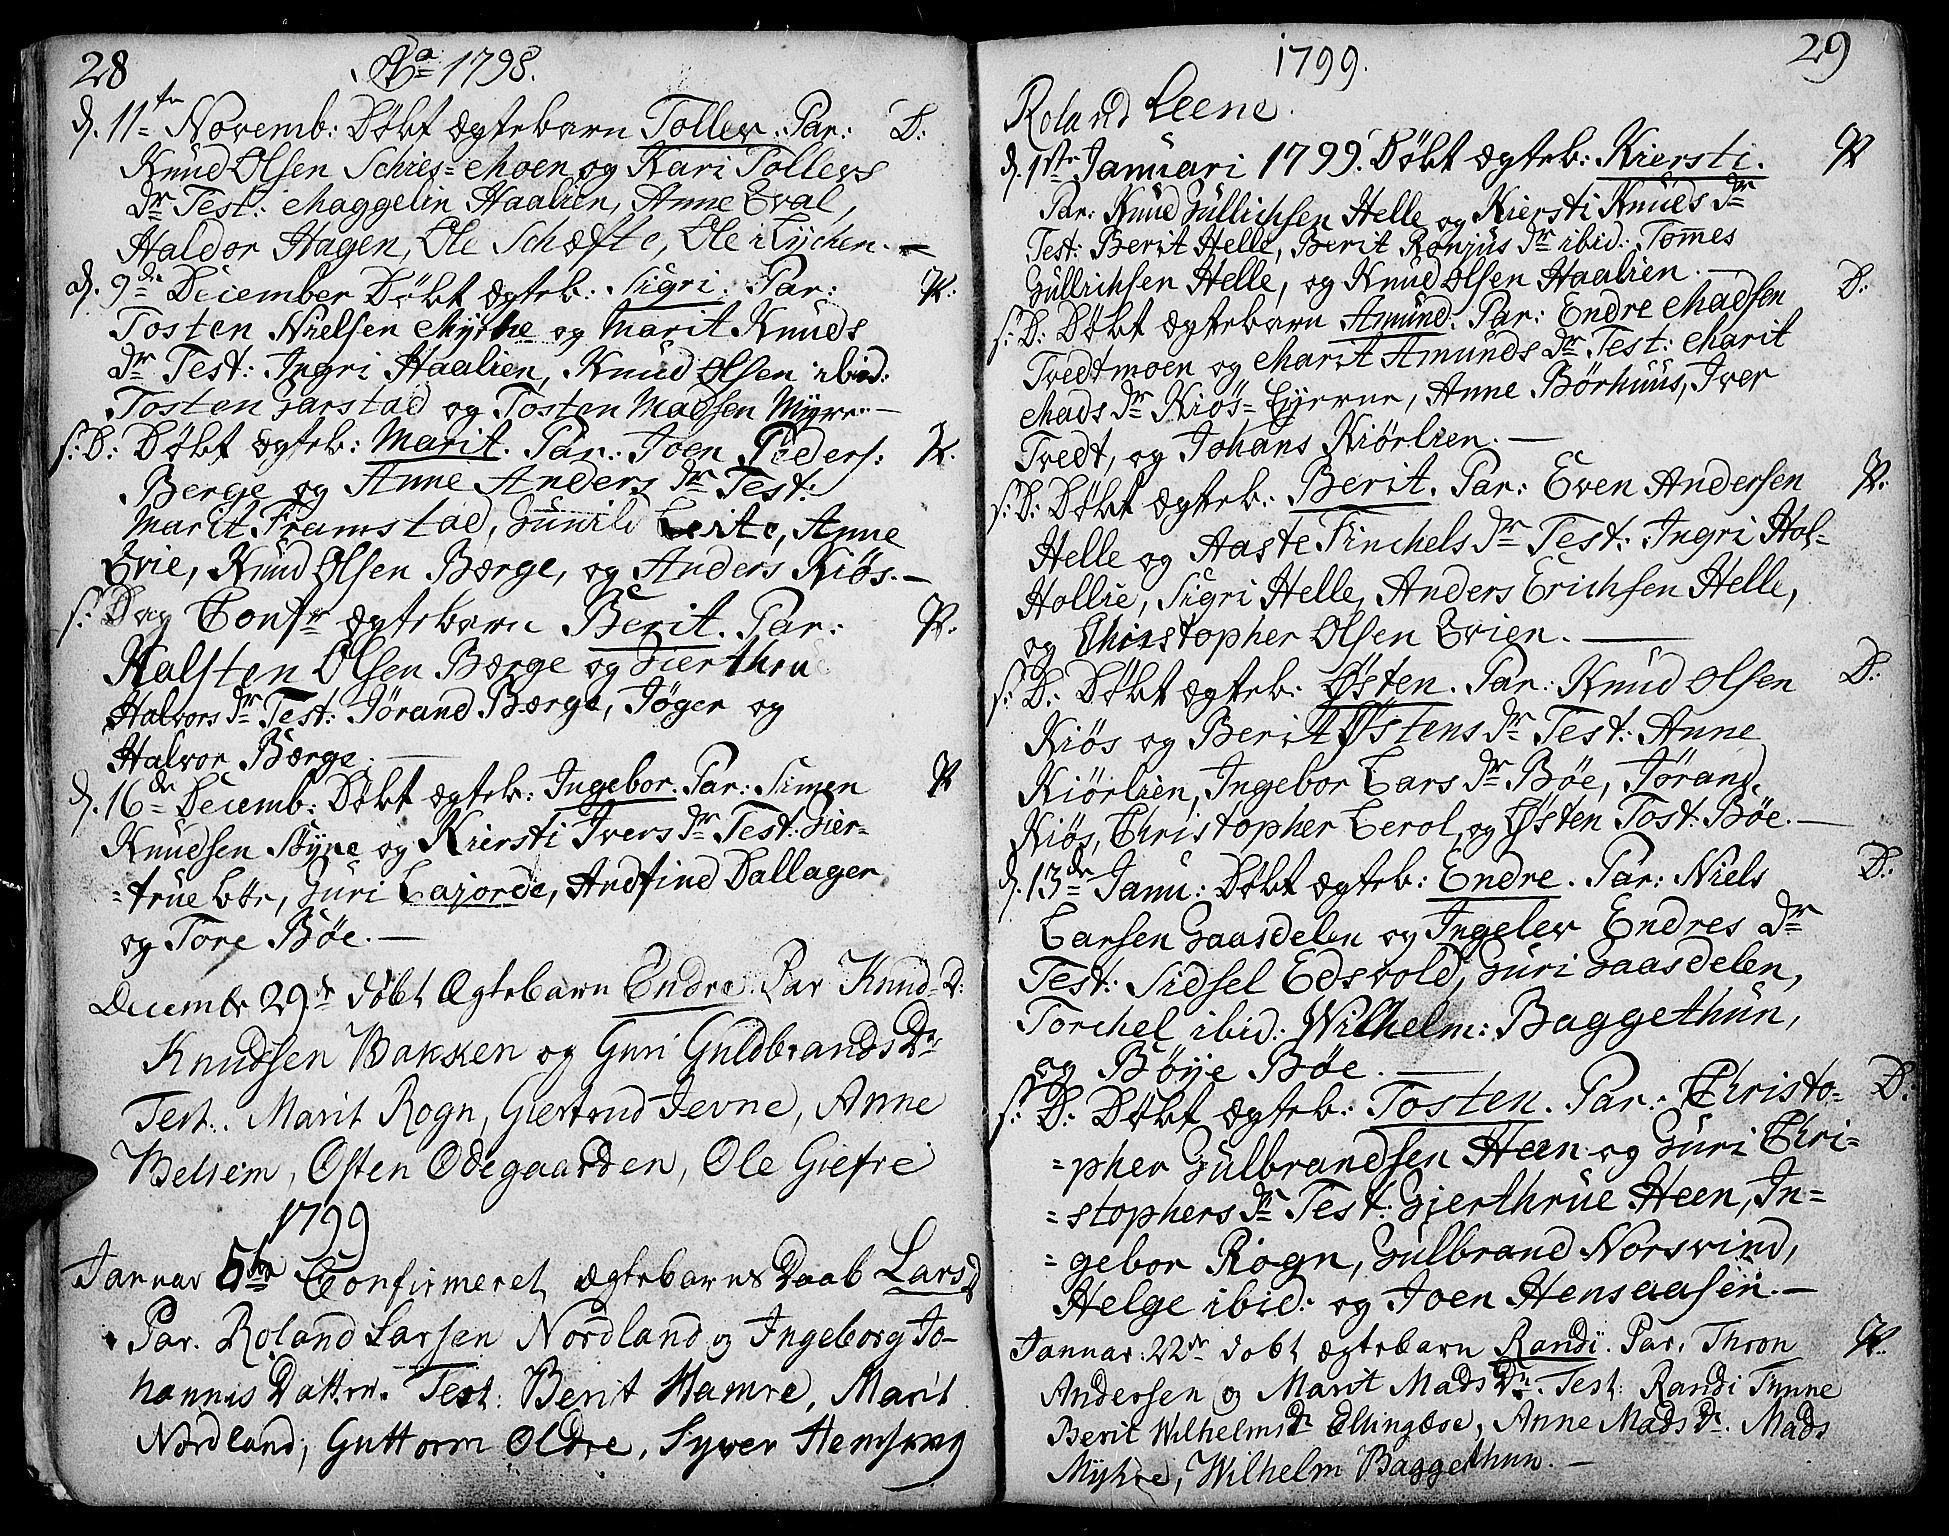 SAH, Vang prestekontor, Valdres, Ministerialbok nr. 2, 1796-1808, s. 28-29